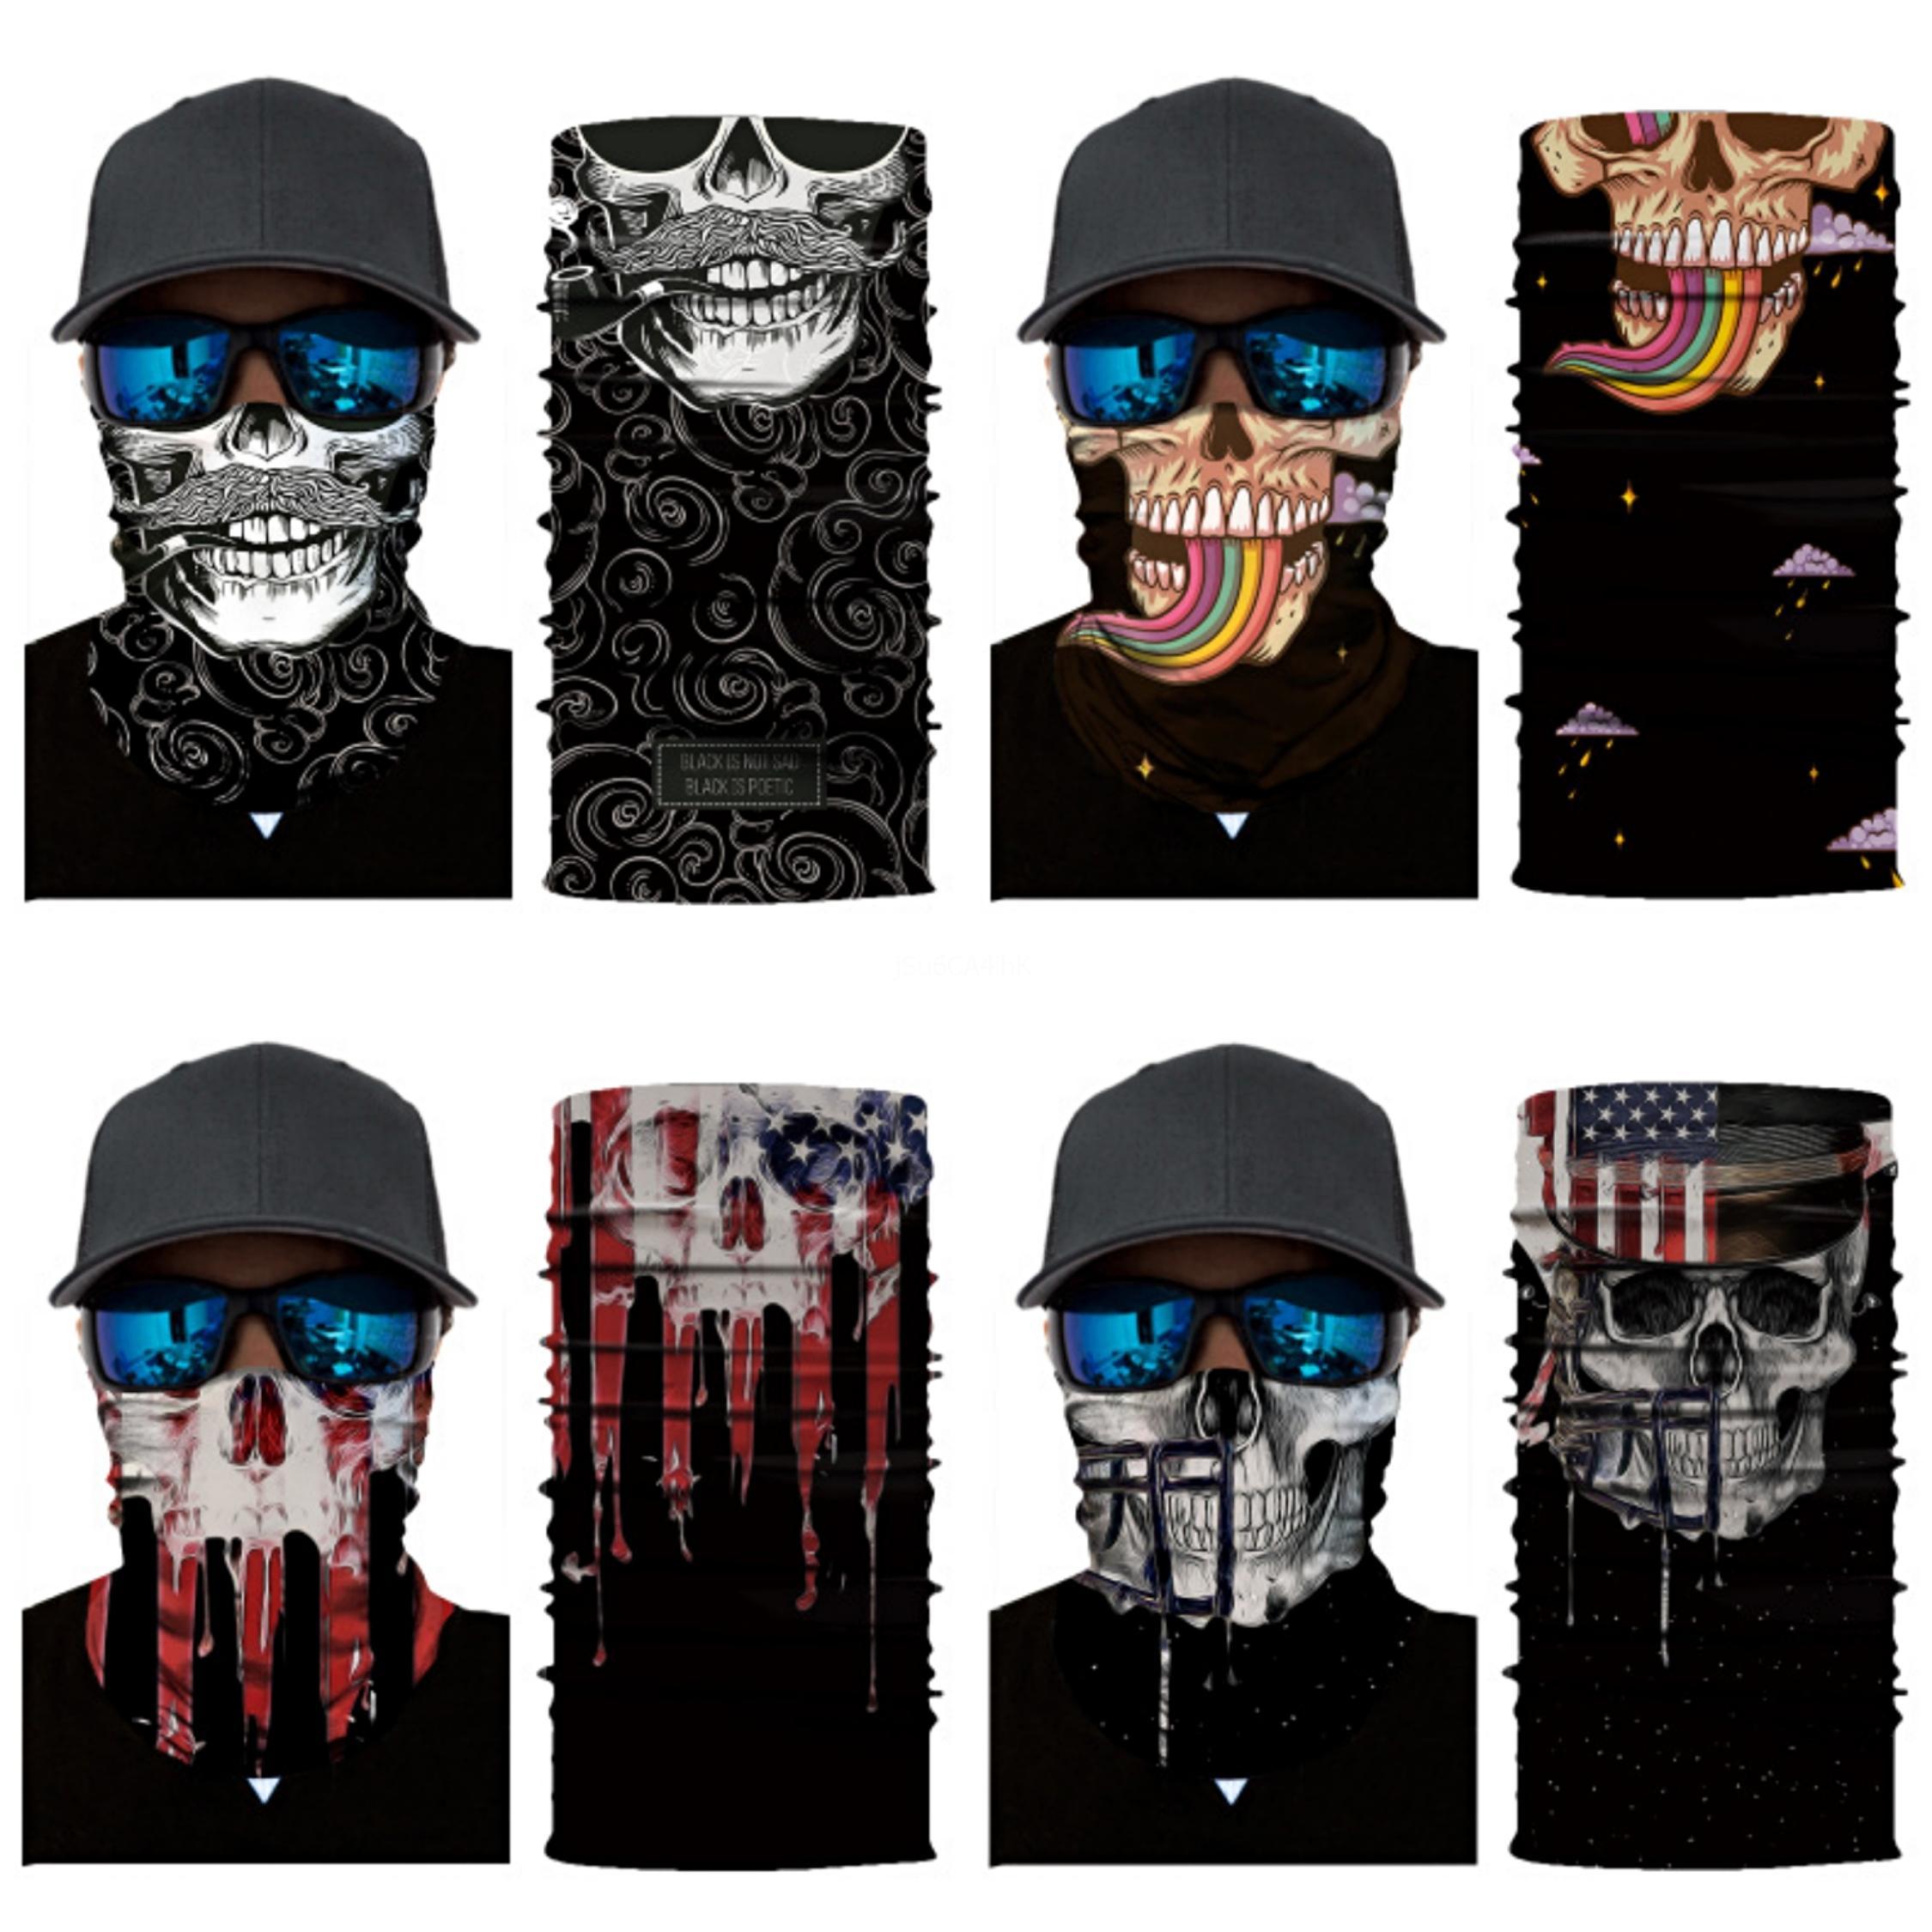 8 Máscara estilo de la cara del cráneo del cráneo sin fisuras magia bufanda Ciclismo Montar máscara máscaras partido al aire libre Skerchief Y1I33 # 204 # 826